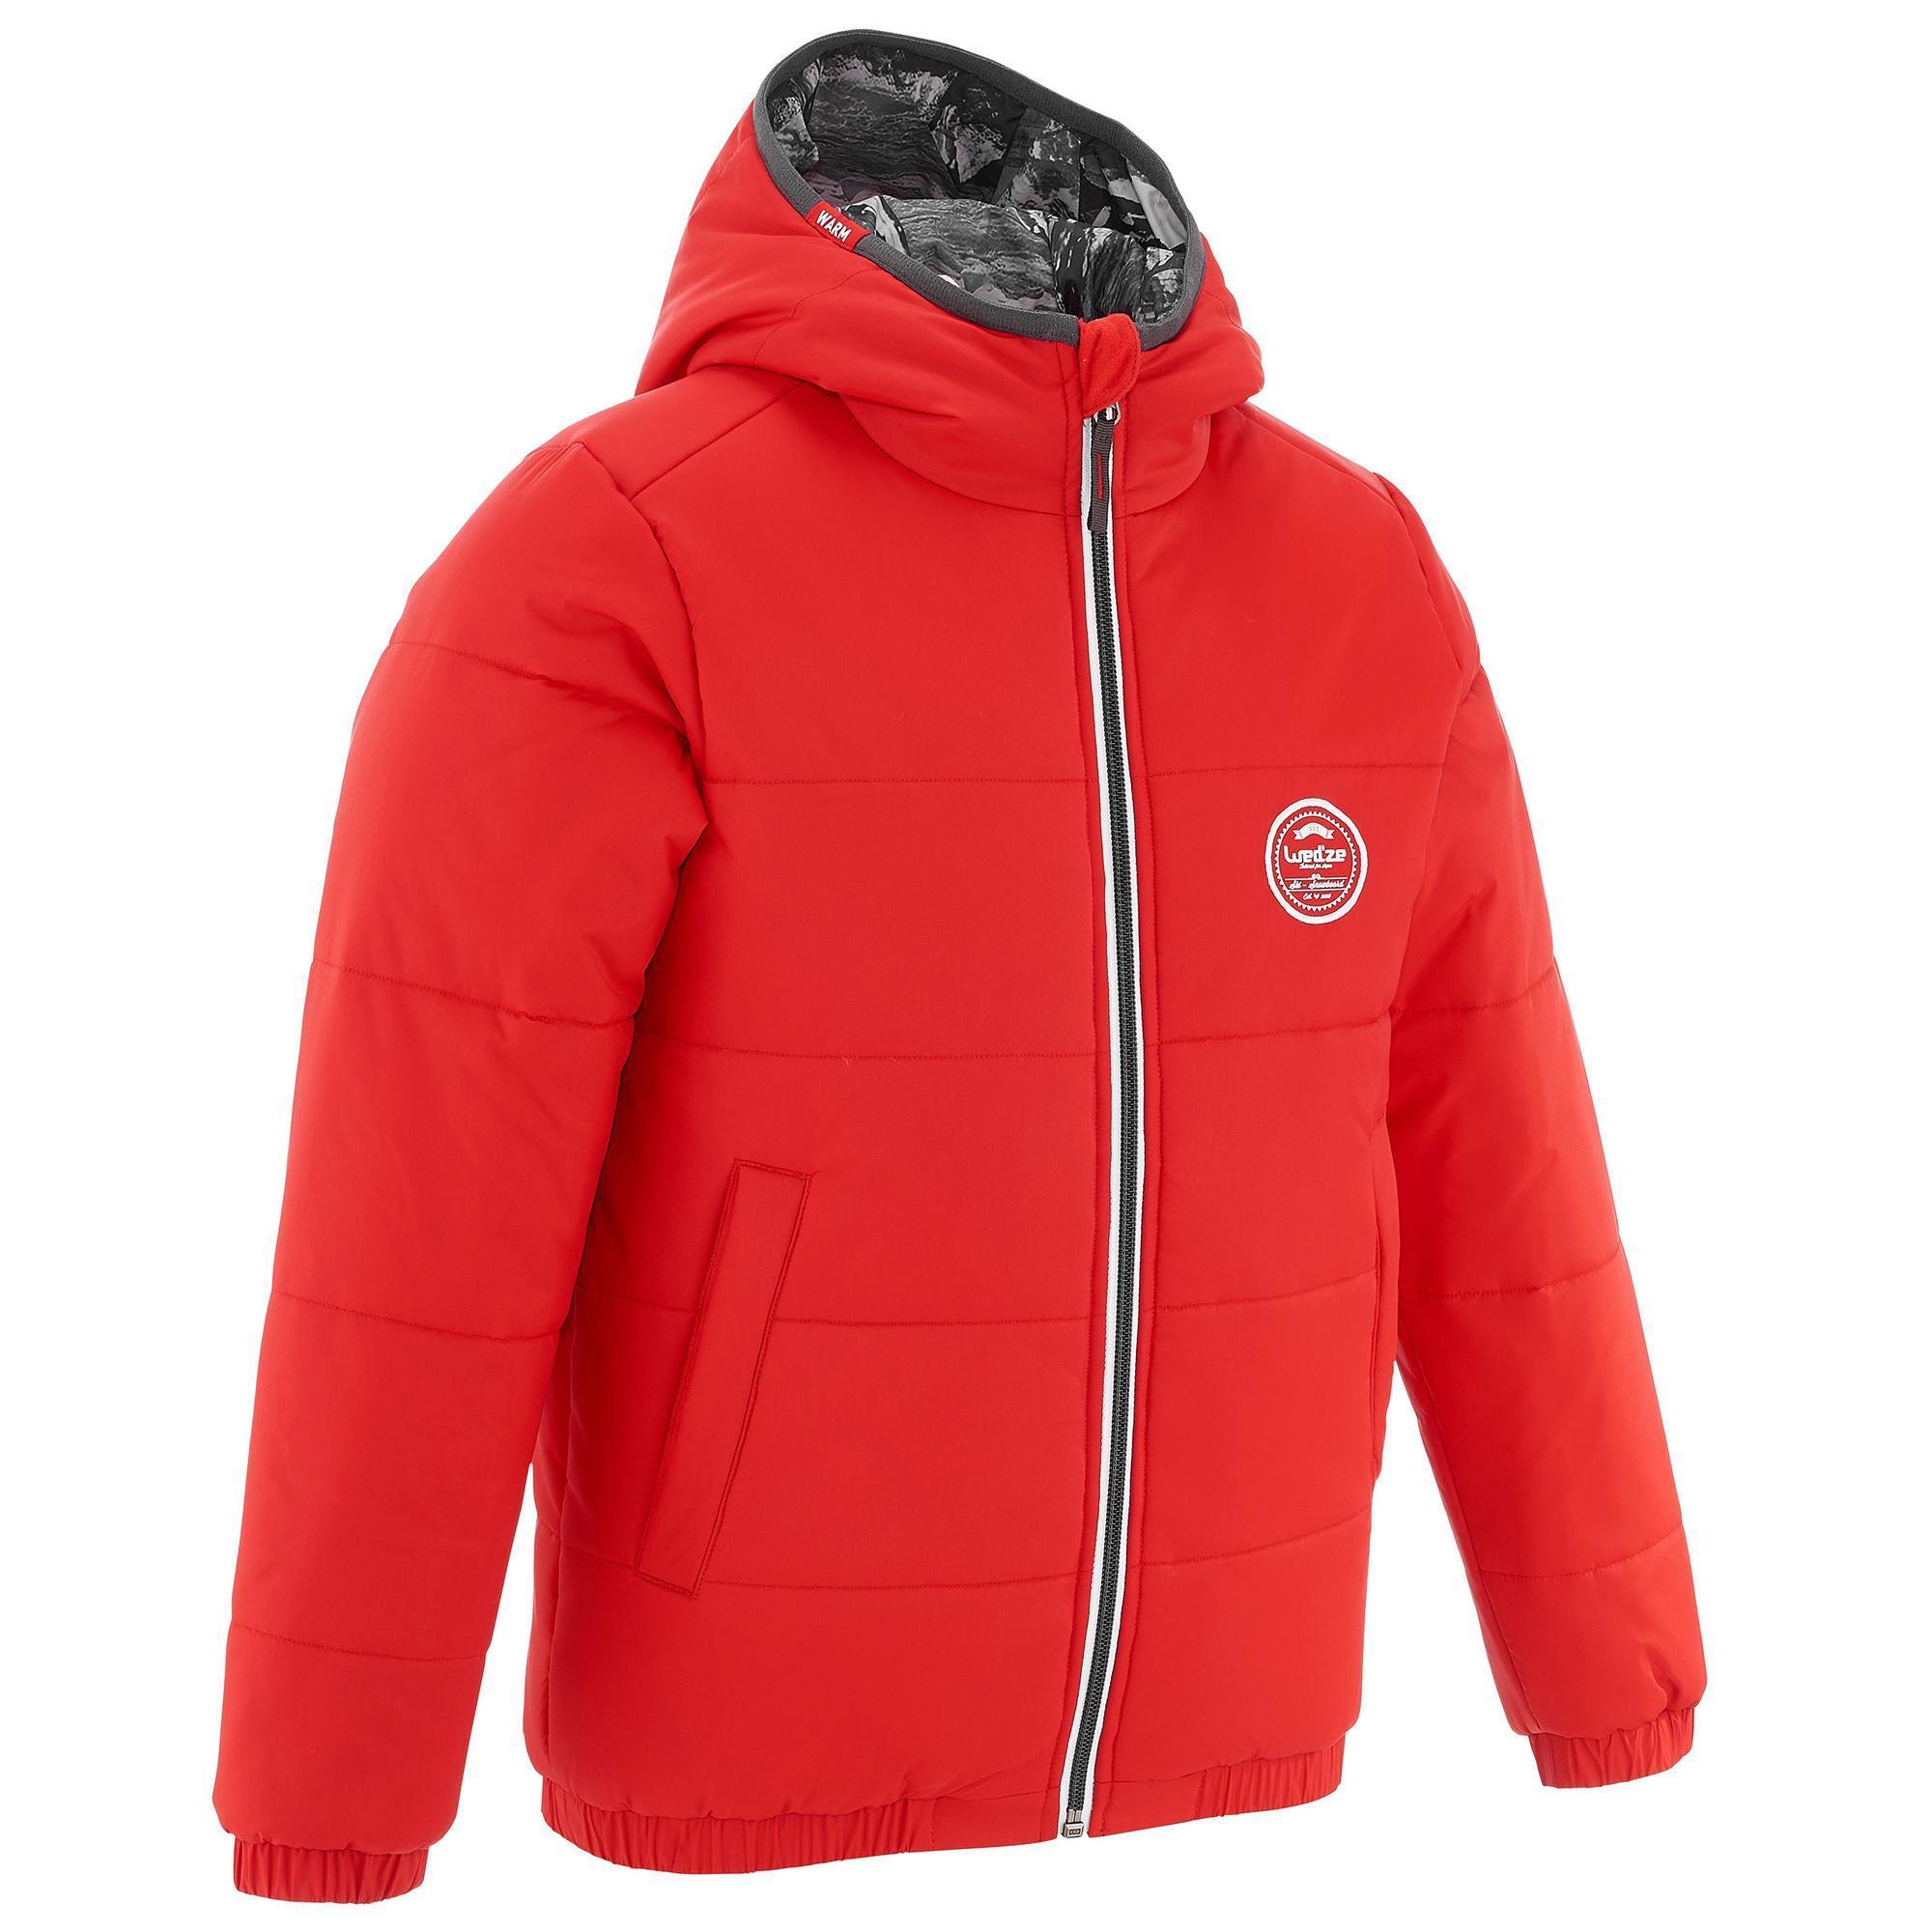 Jungen,Kinder Skijacke Warm Reverse Kinder rot | 03608449881289